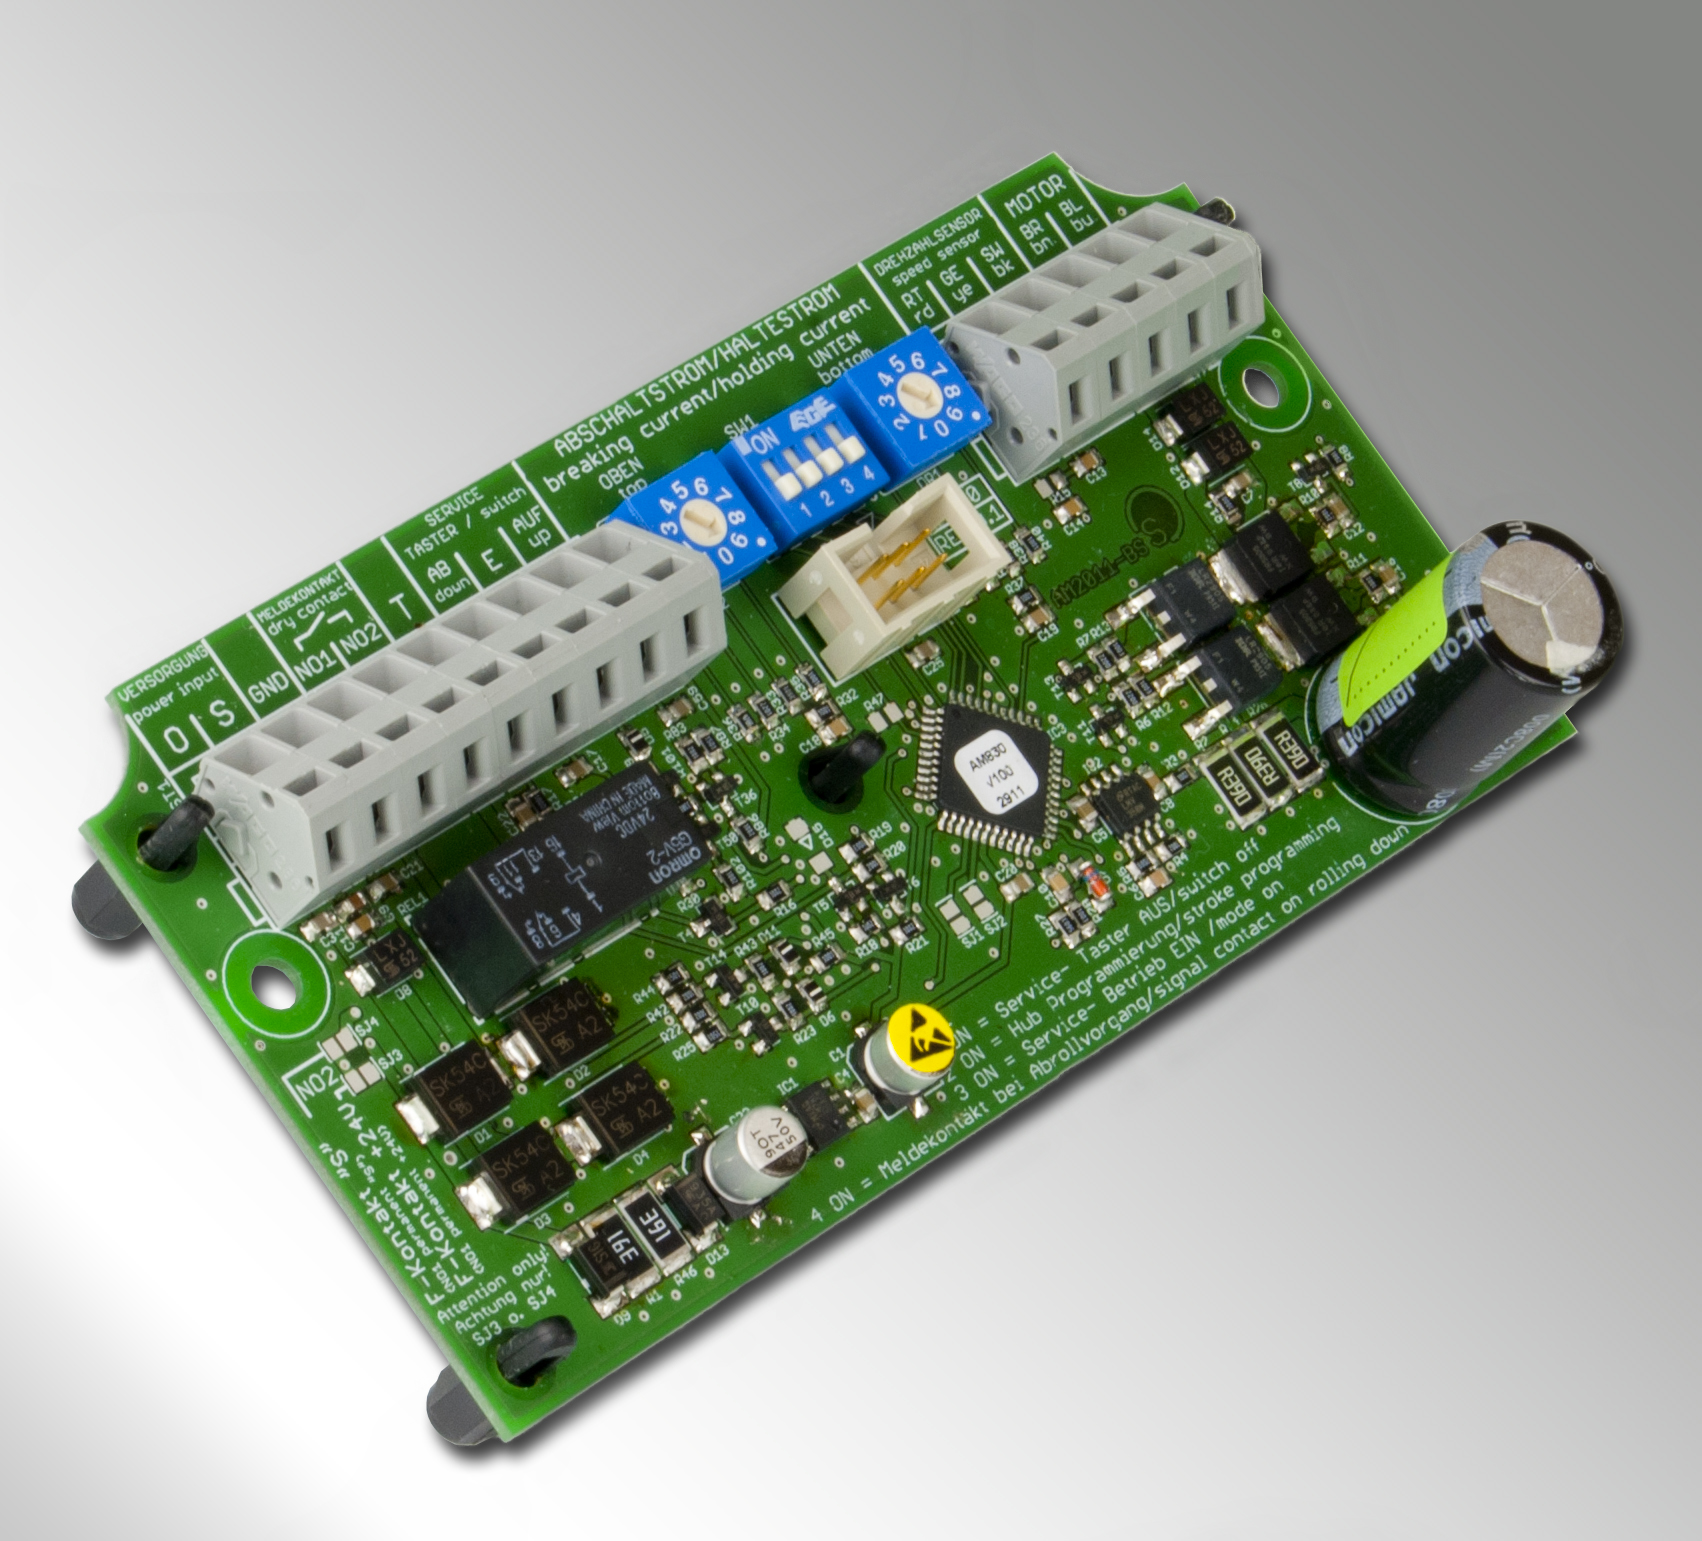 Neue Steuerelektronik AM-830 für Vorhangsysteme Smoke PROtec® und Fire PROtec®